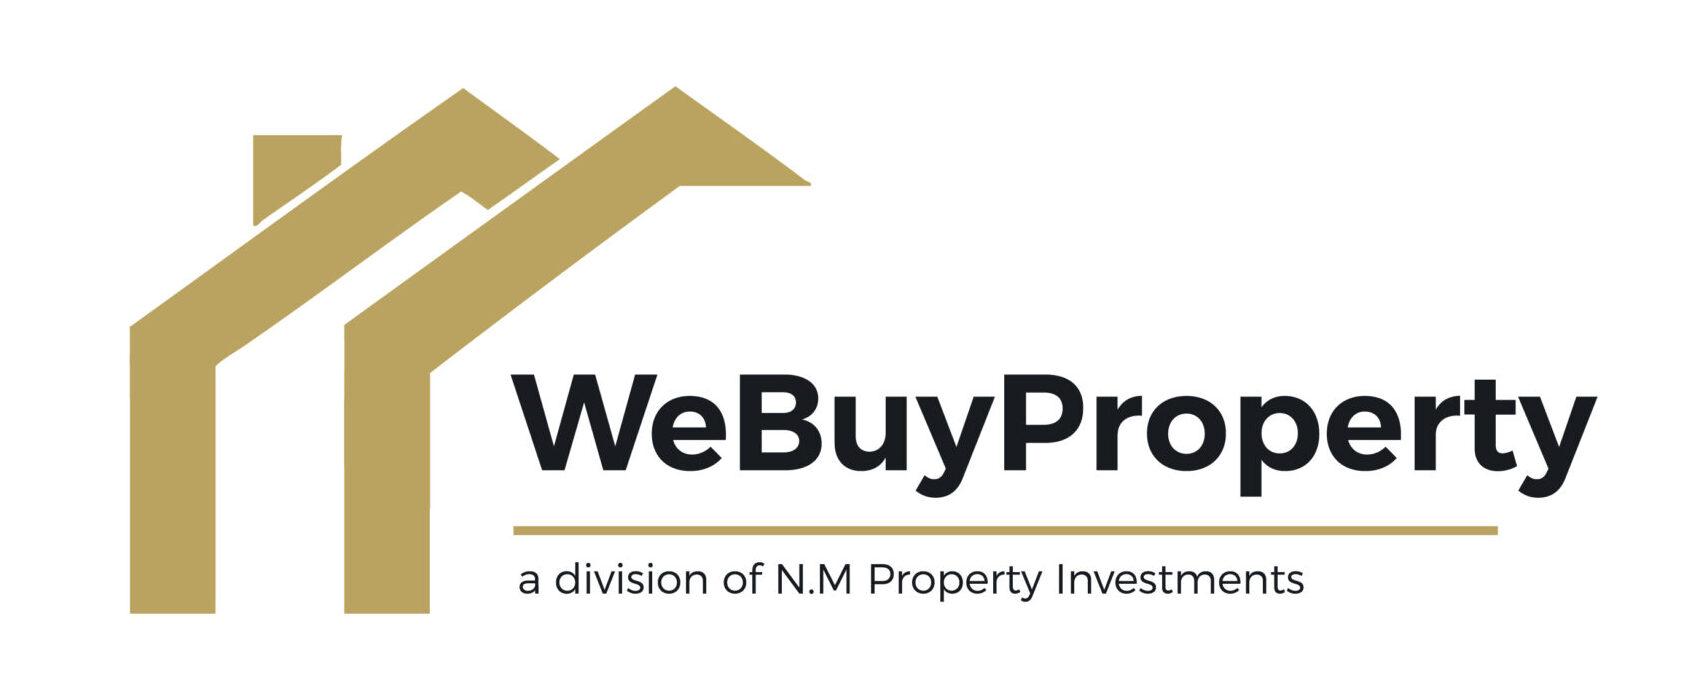 We Buy Property